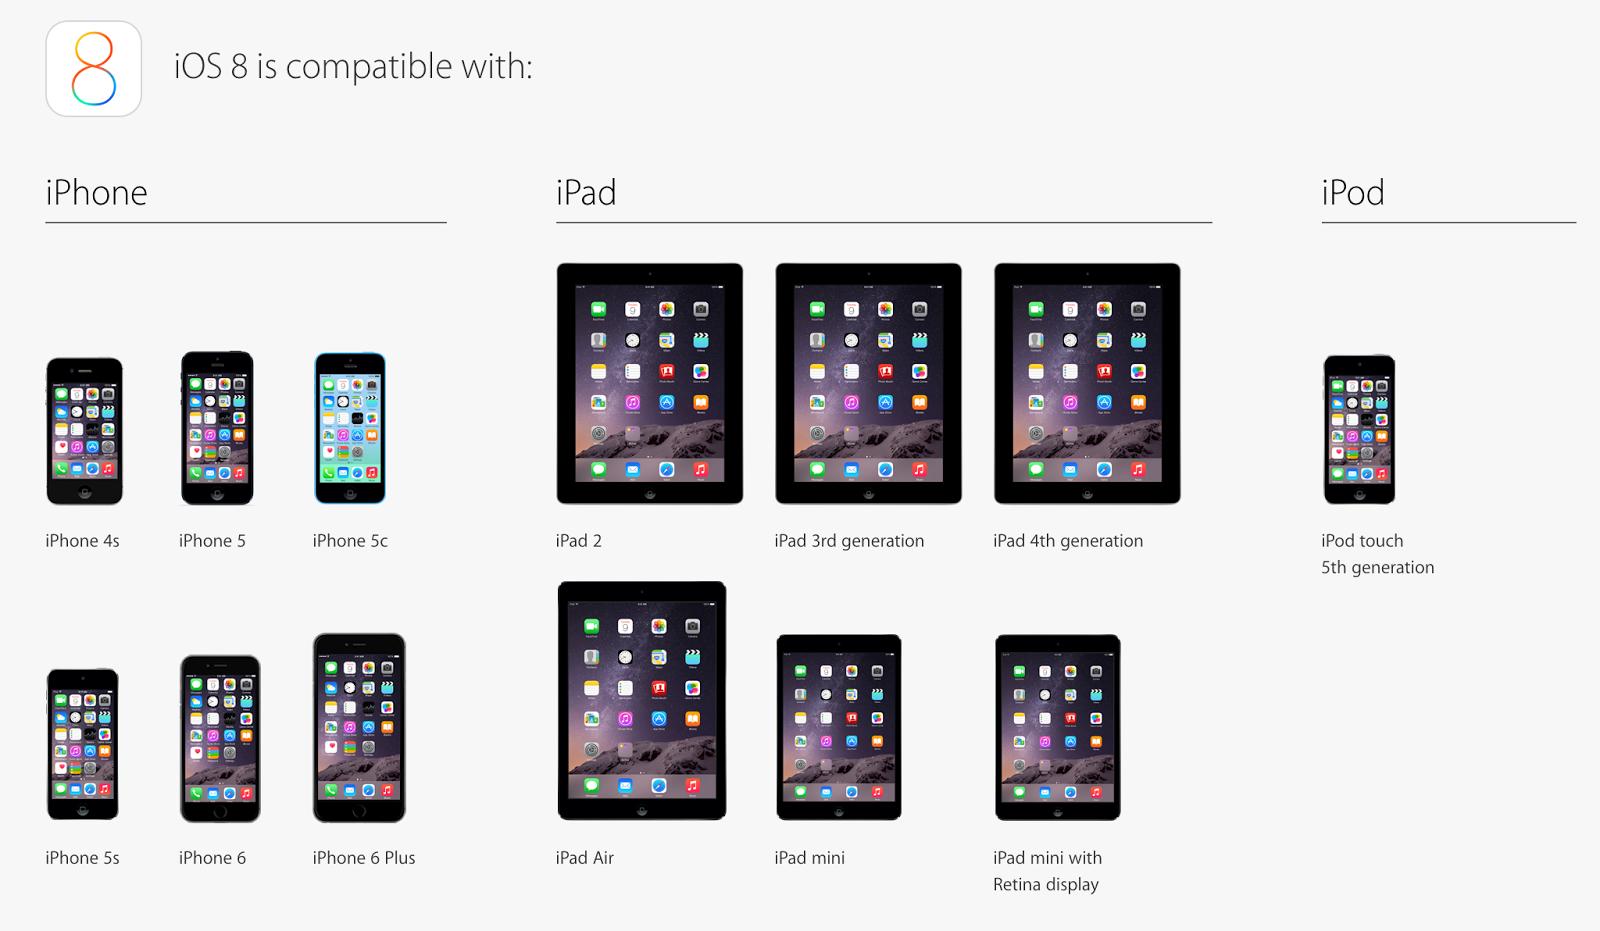 Nâng cấp iOS 8 - Hướng dẫn nâng cấp iOS 8 cho iPhone, iPad